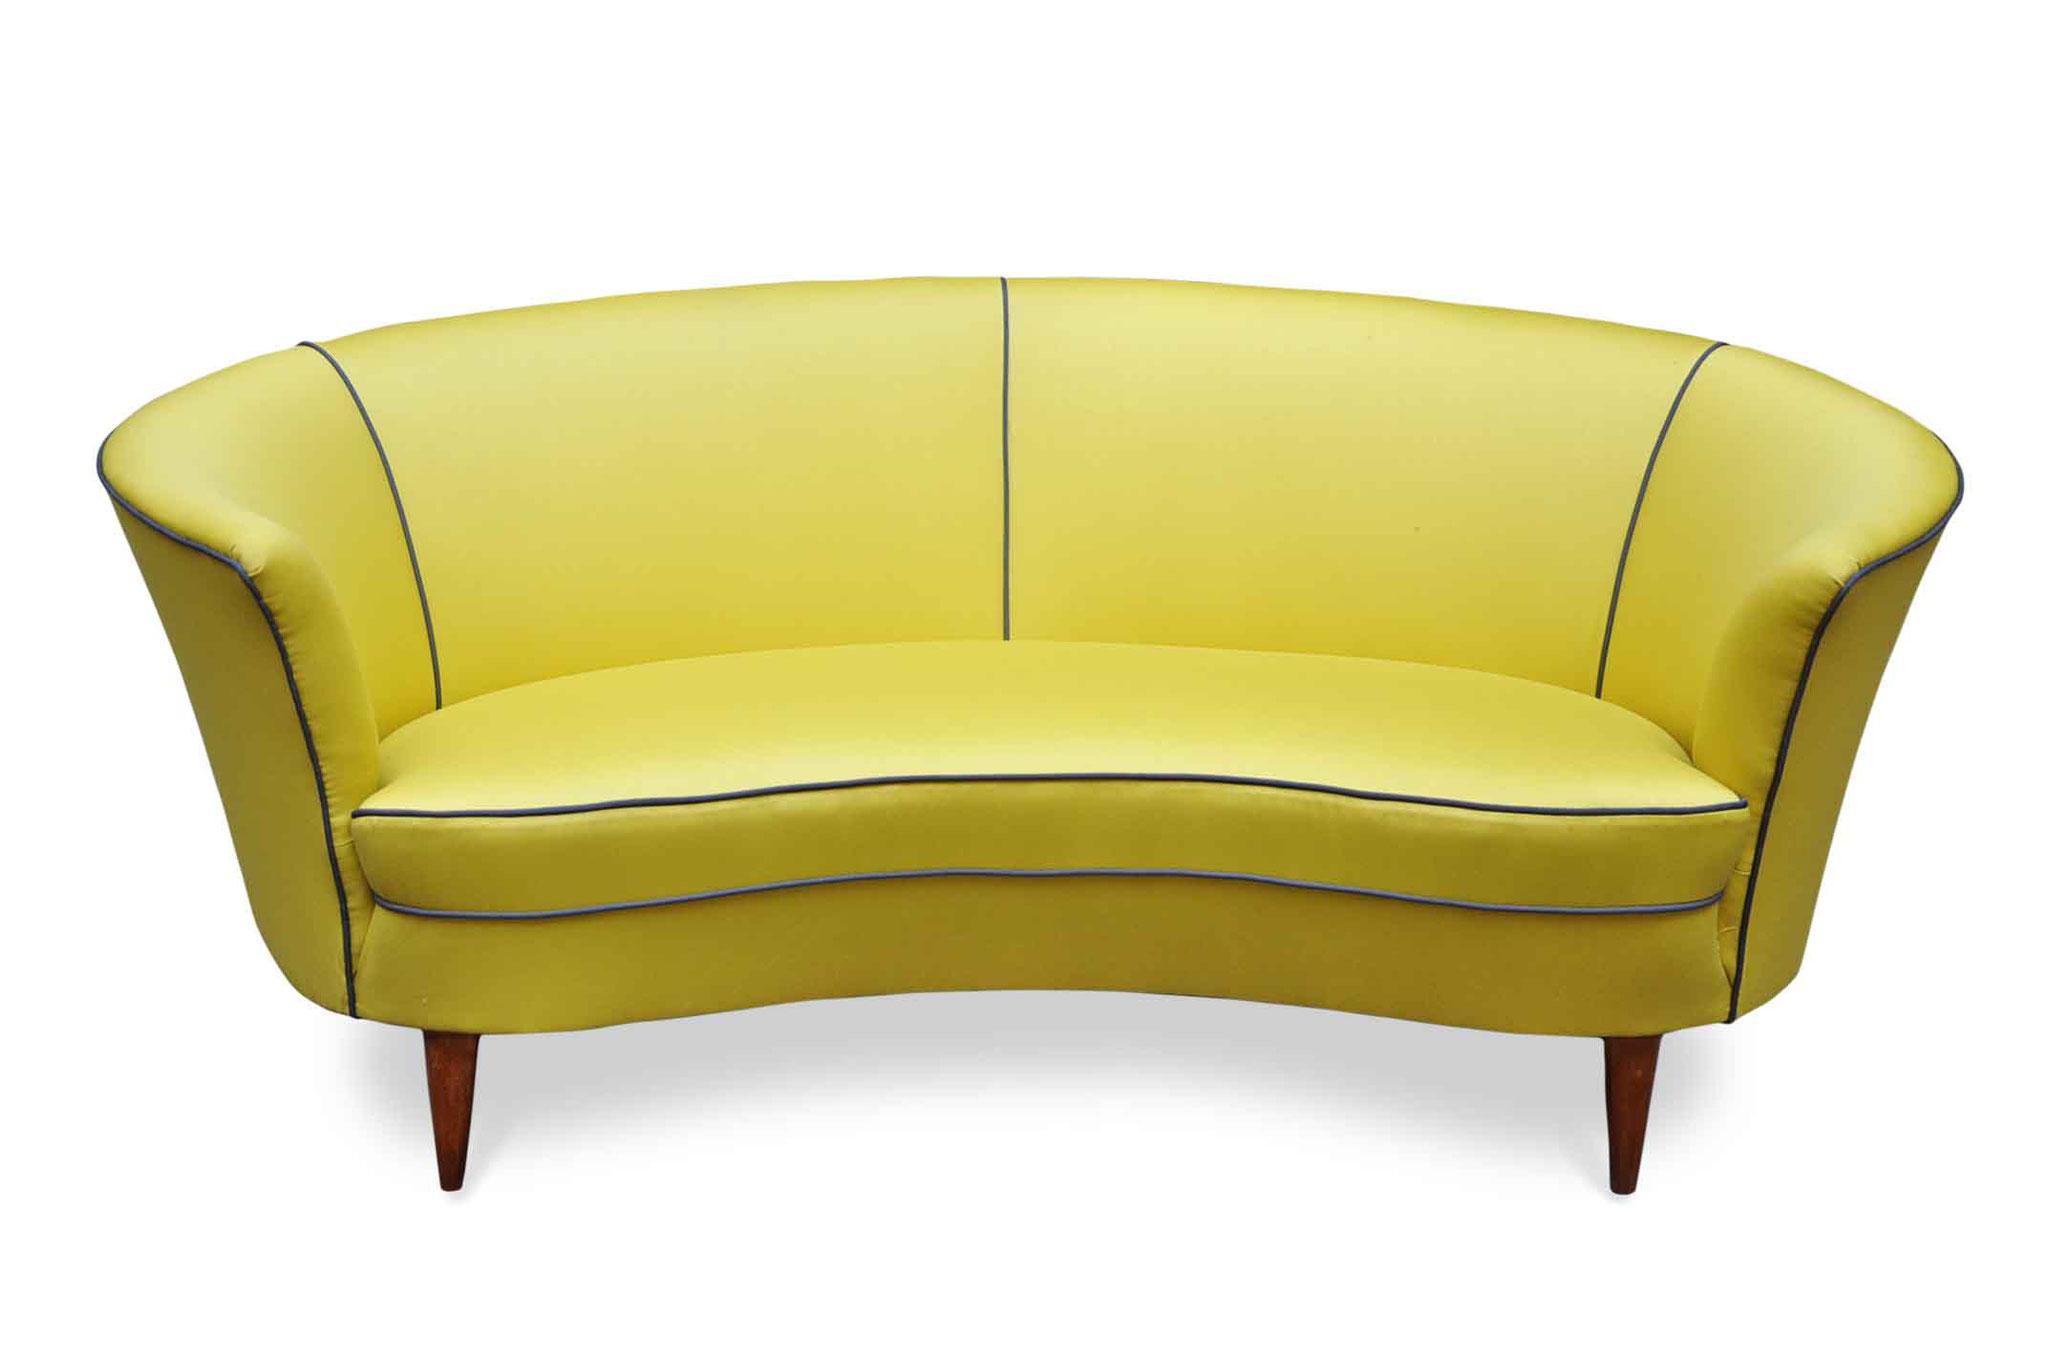 ico parisi sofa 1940s